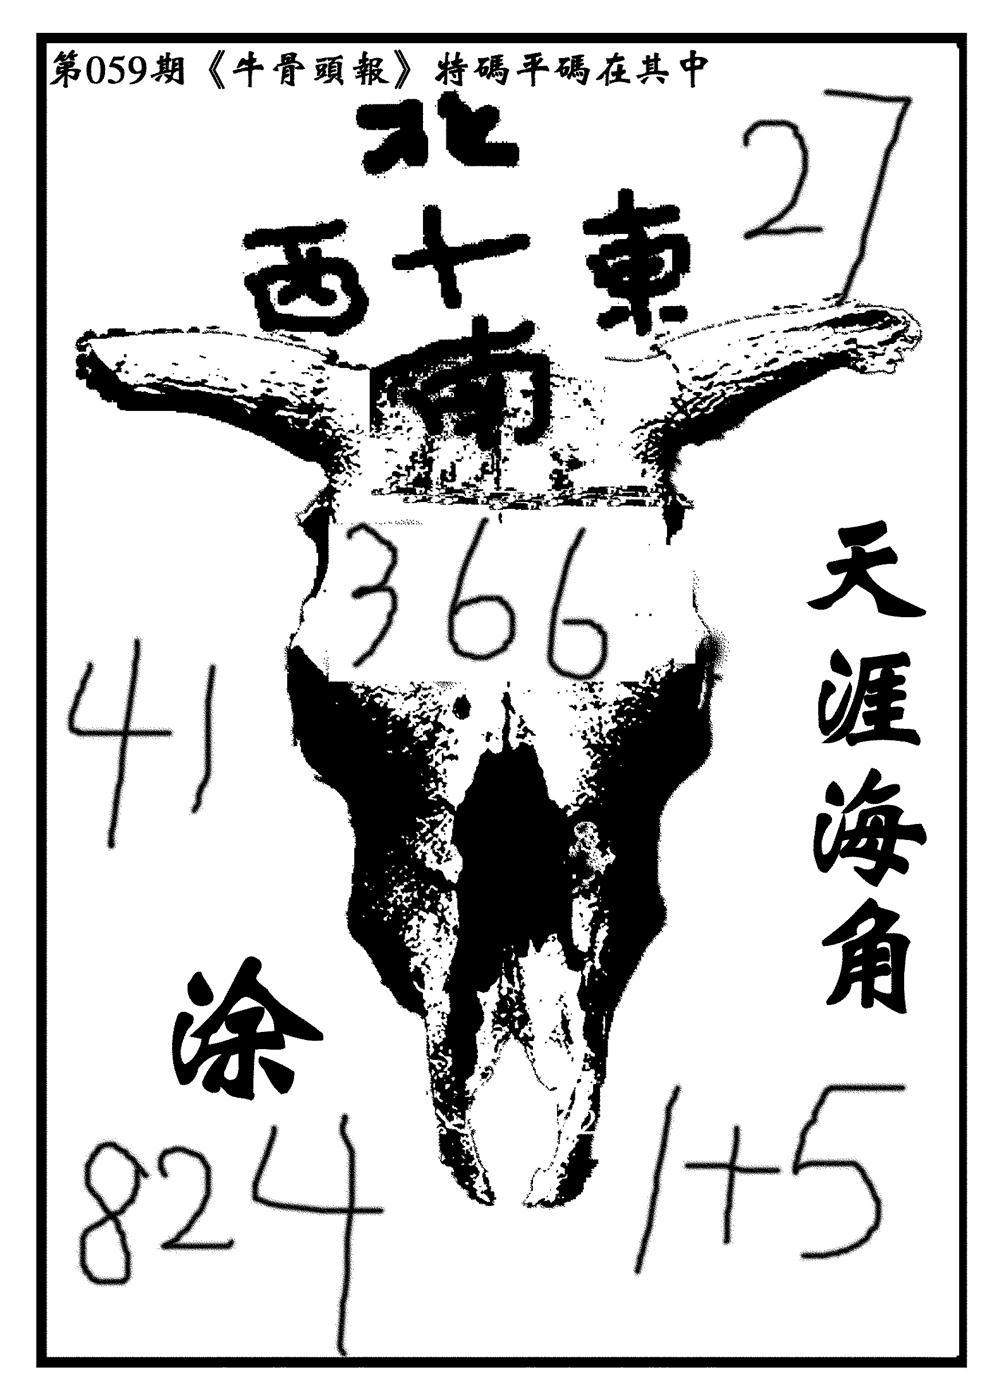 059期牛头报(黑白)